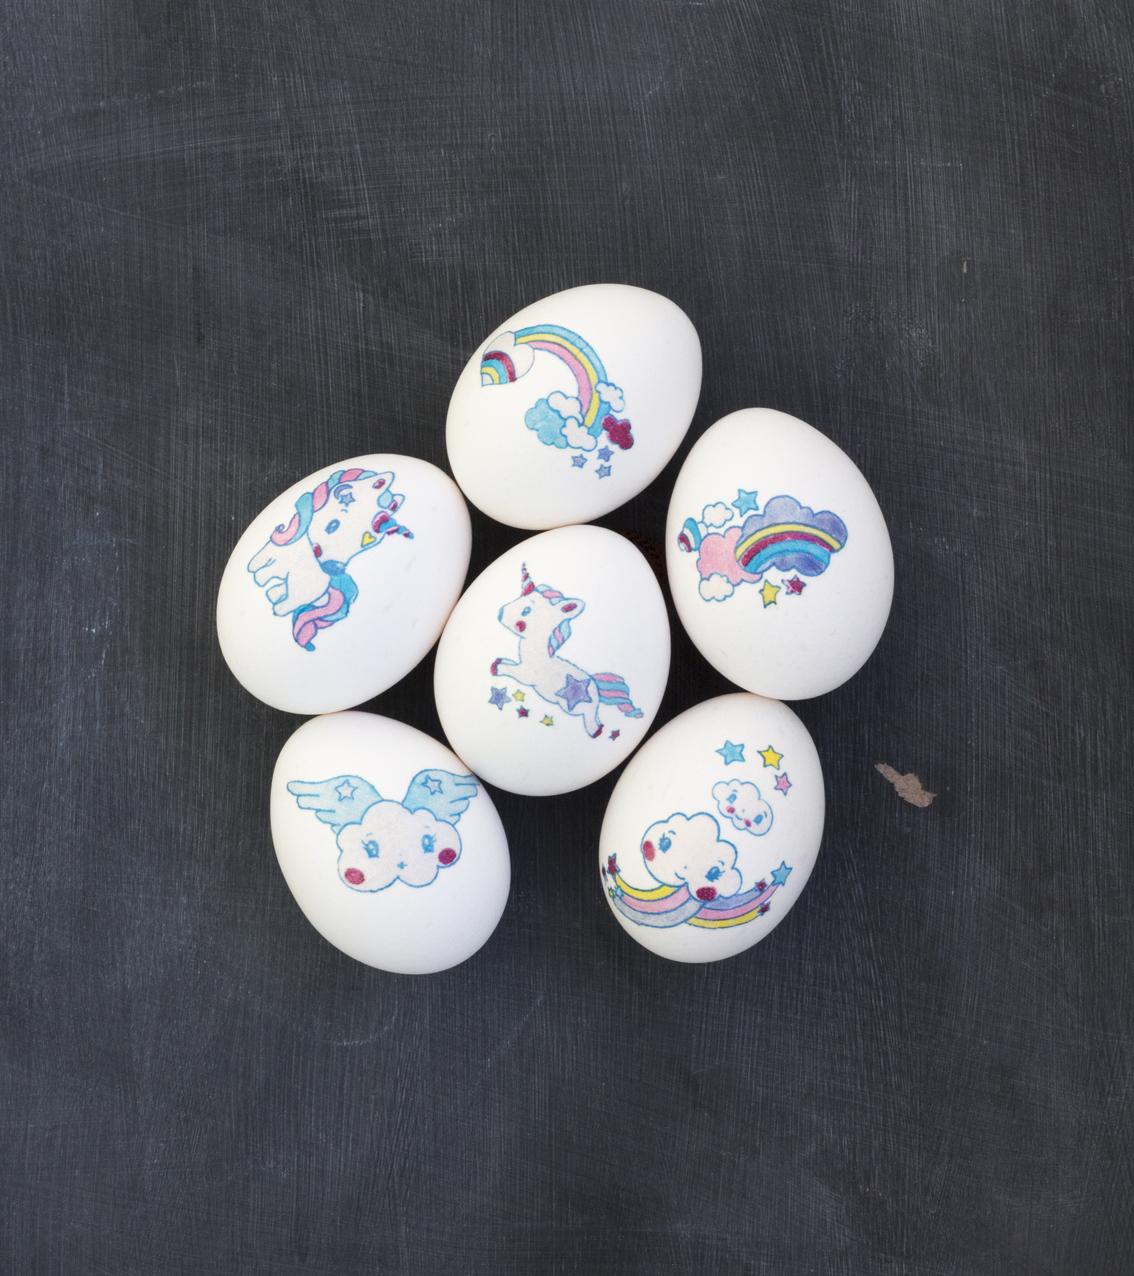 Tatuerade ägg | Pysselbolaget